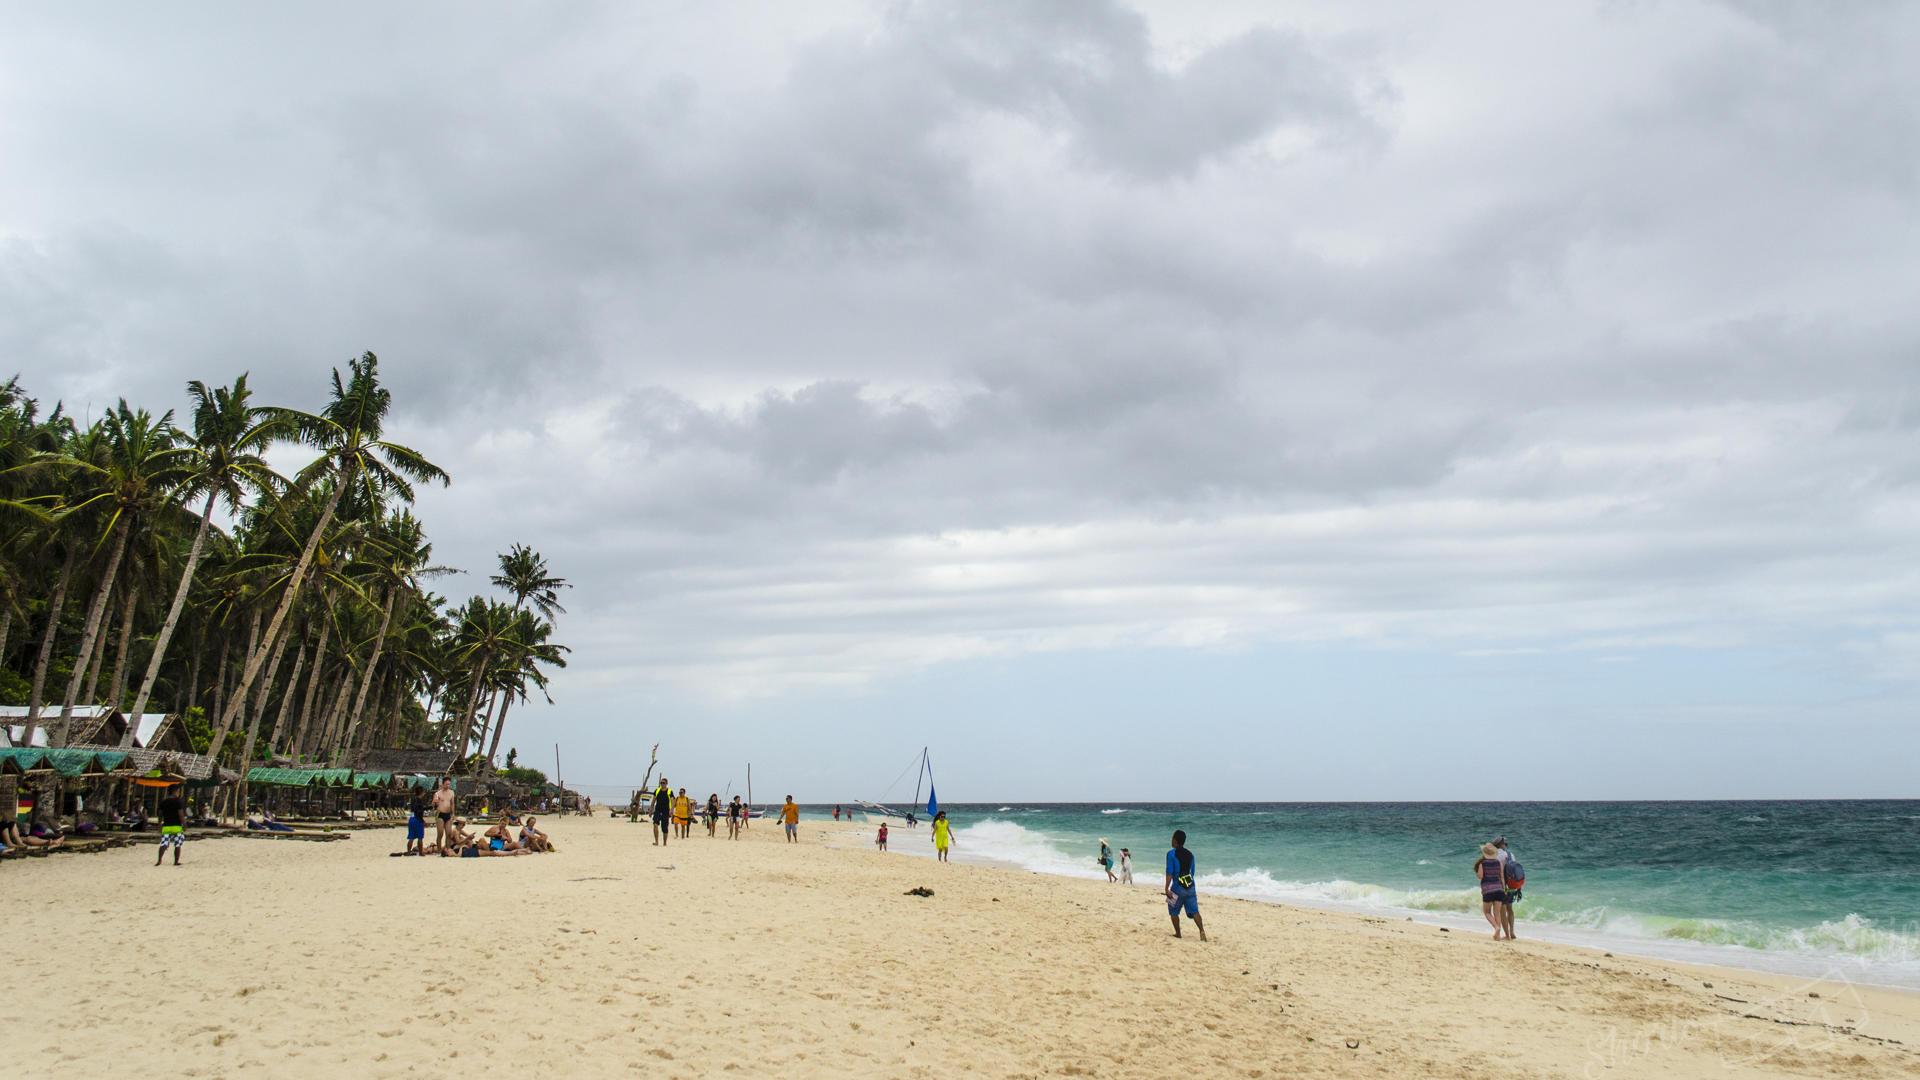 puka beach, puka beach boracay, boracay puka